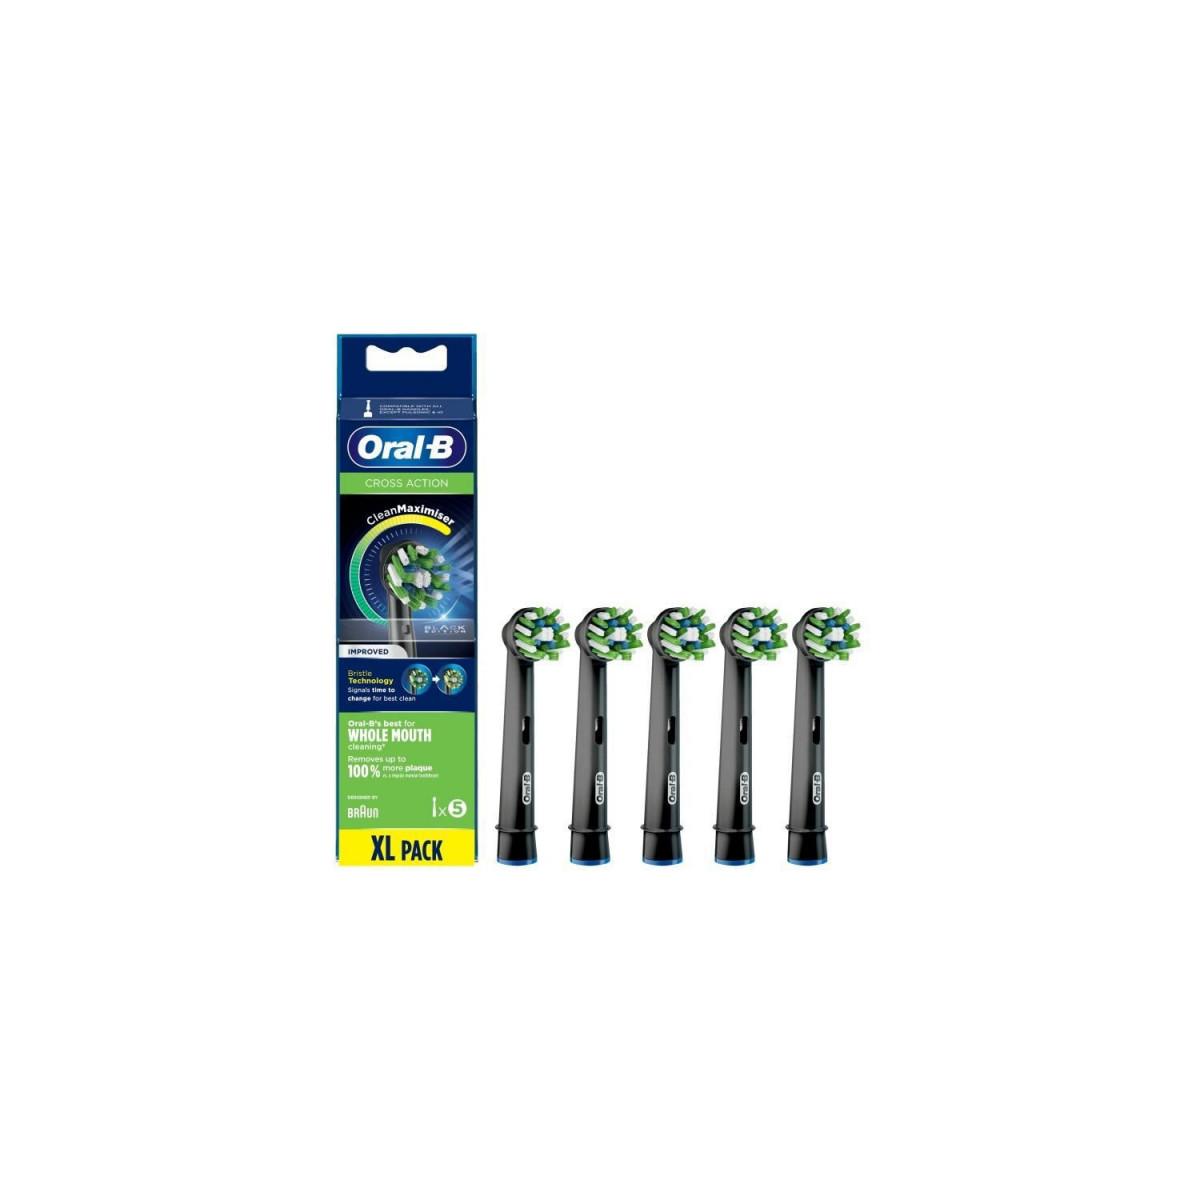 Oral-B Oral-B CrossAction Brossette Avec CleanMaximiser, Noire, 5